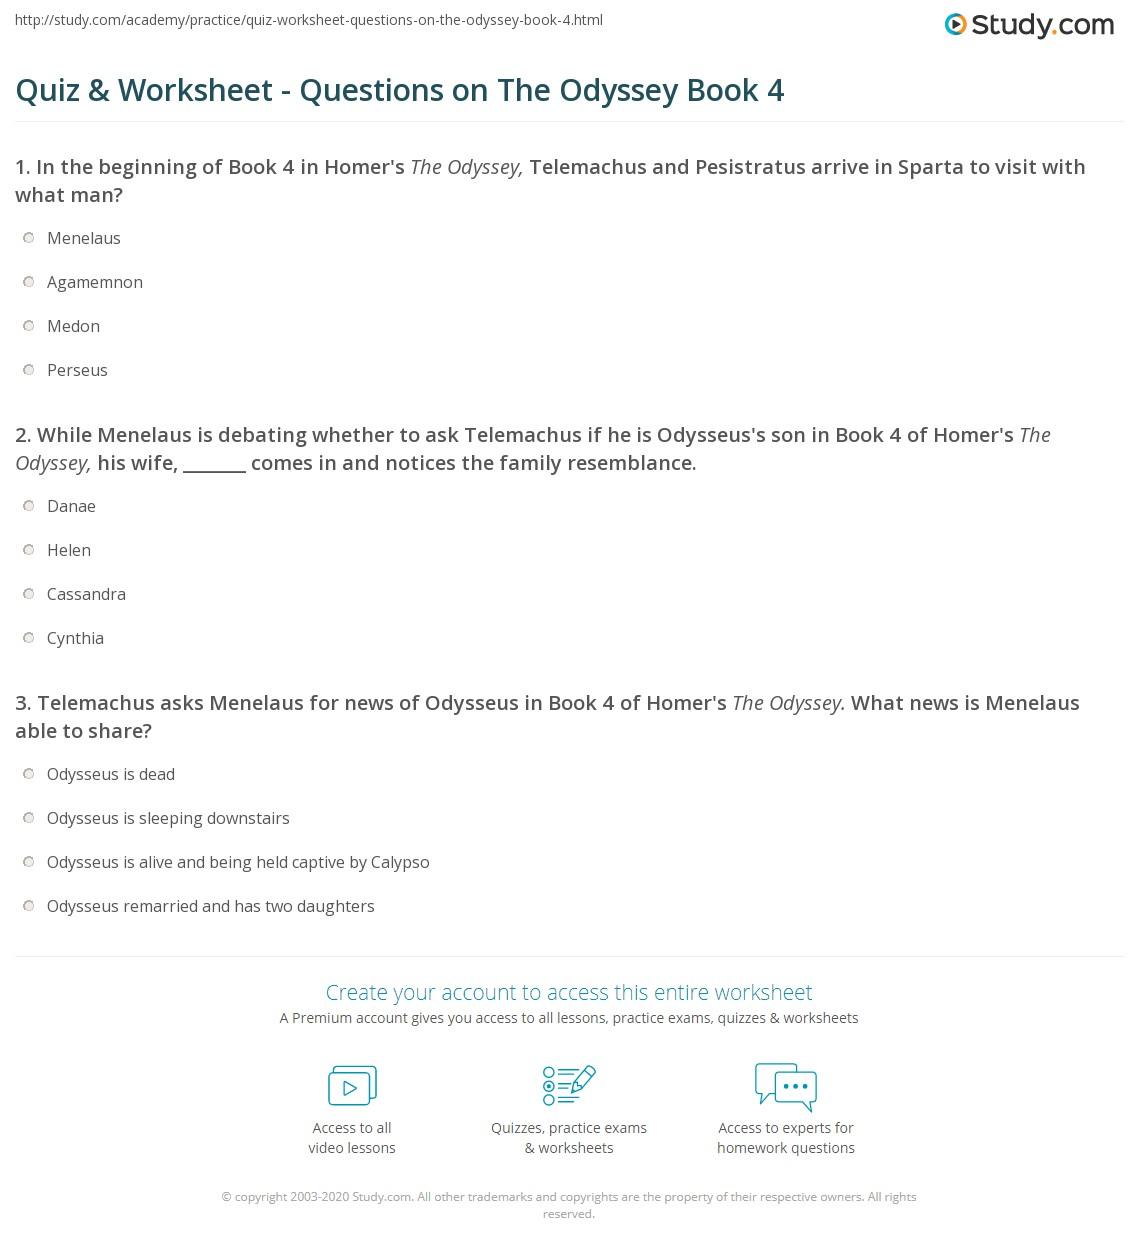 Oddesey Math Worksheet Mario